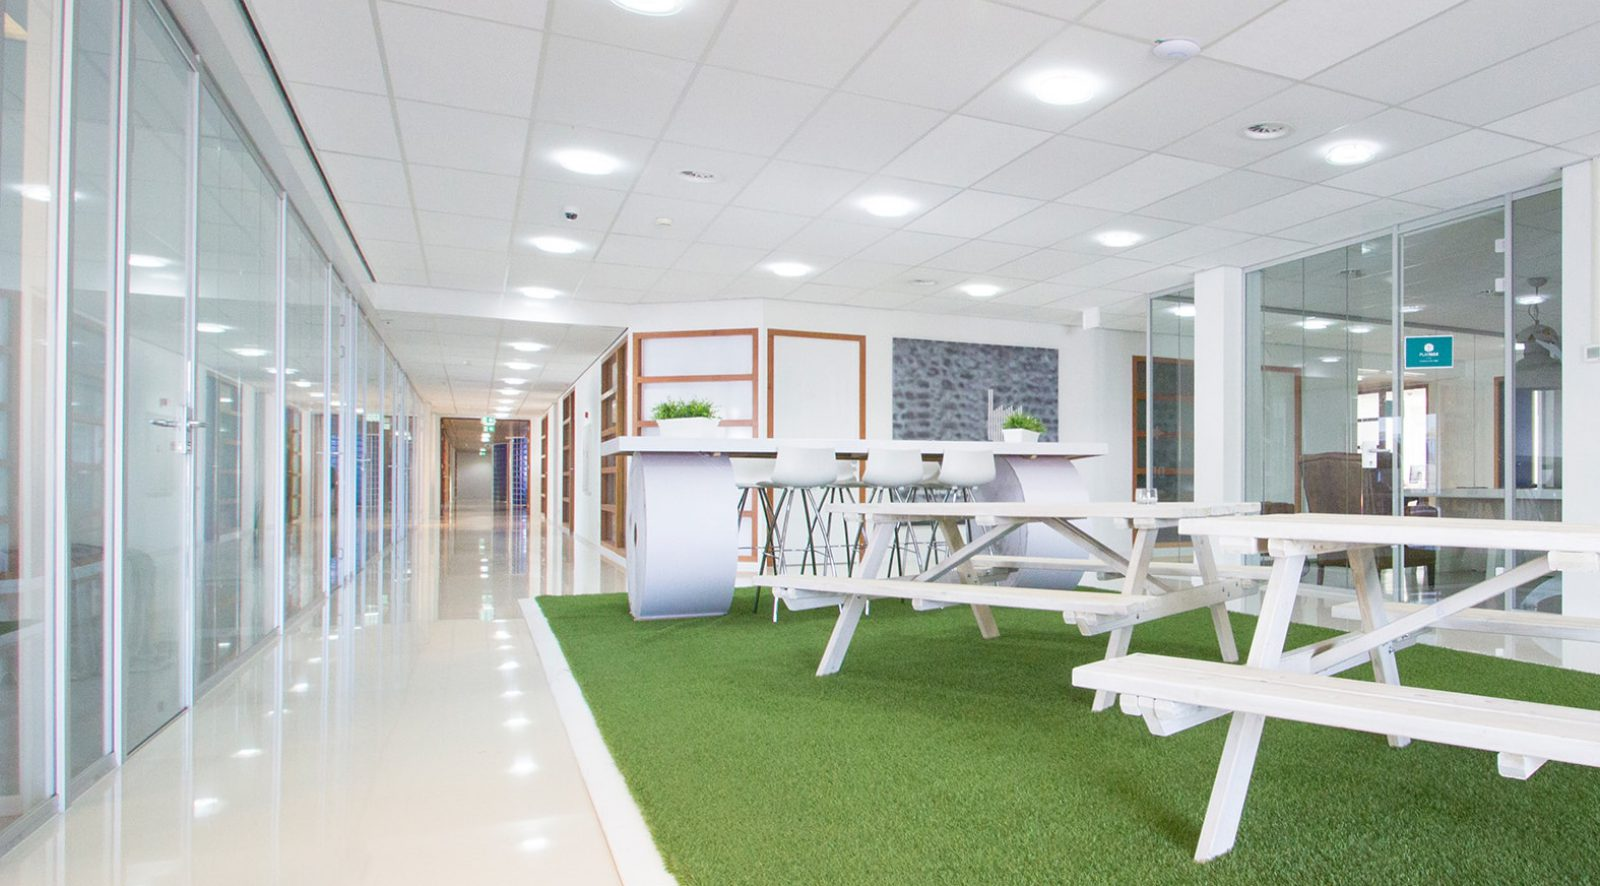 Kantoor huren | Crown Business Center Haarlem